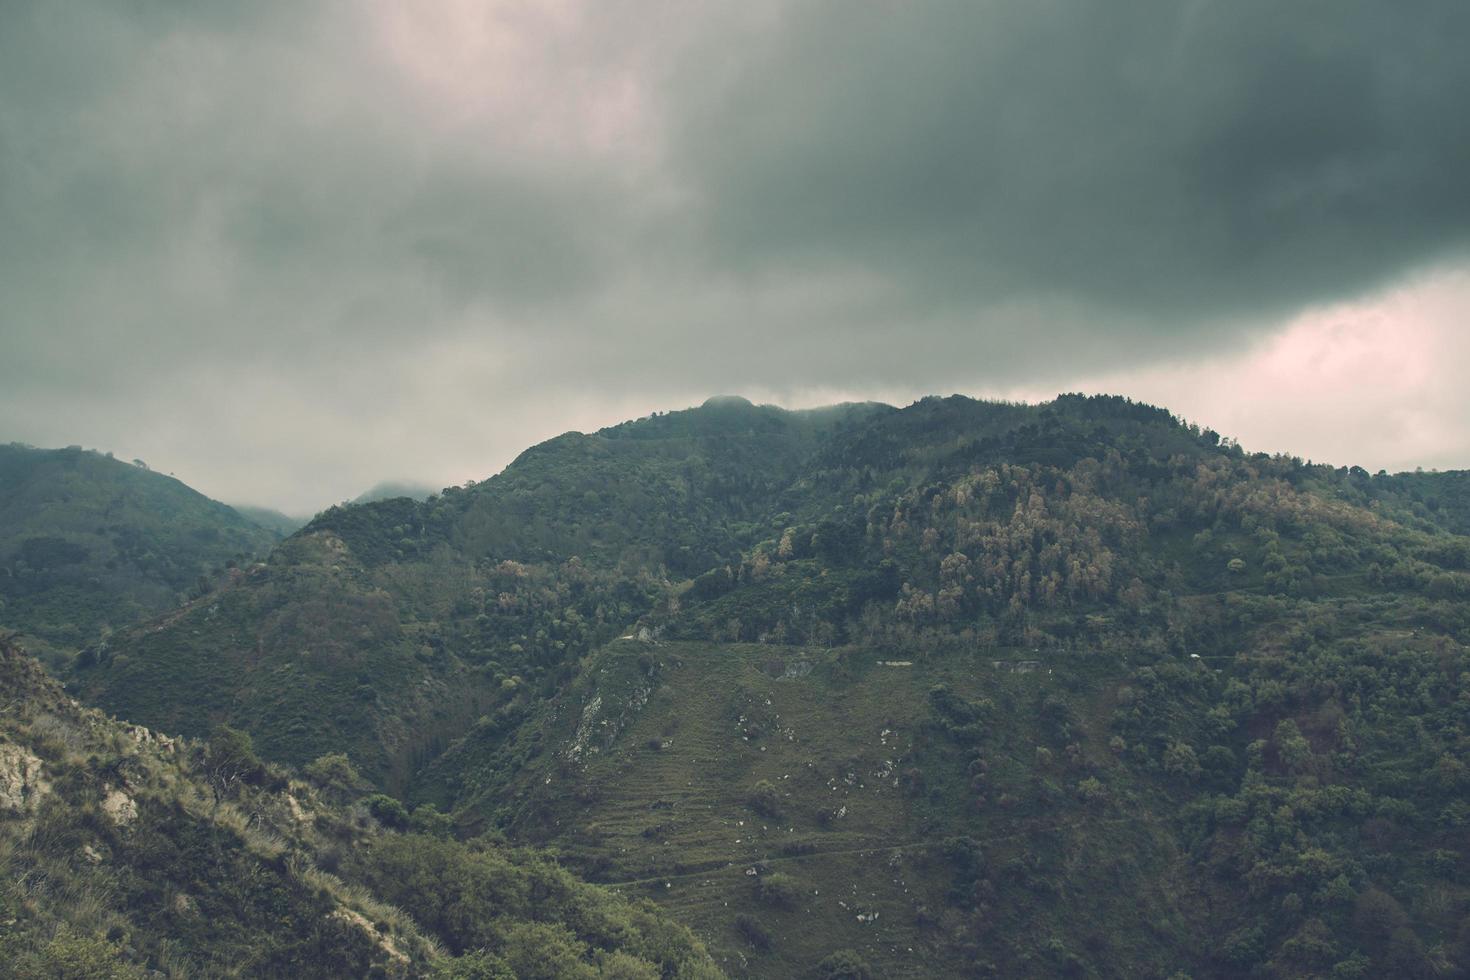 Foggy mountain view photo